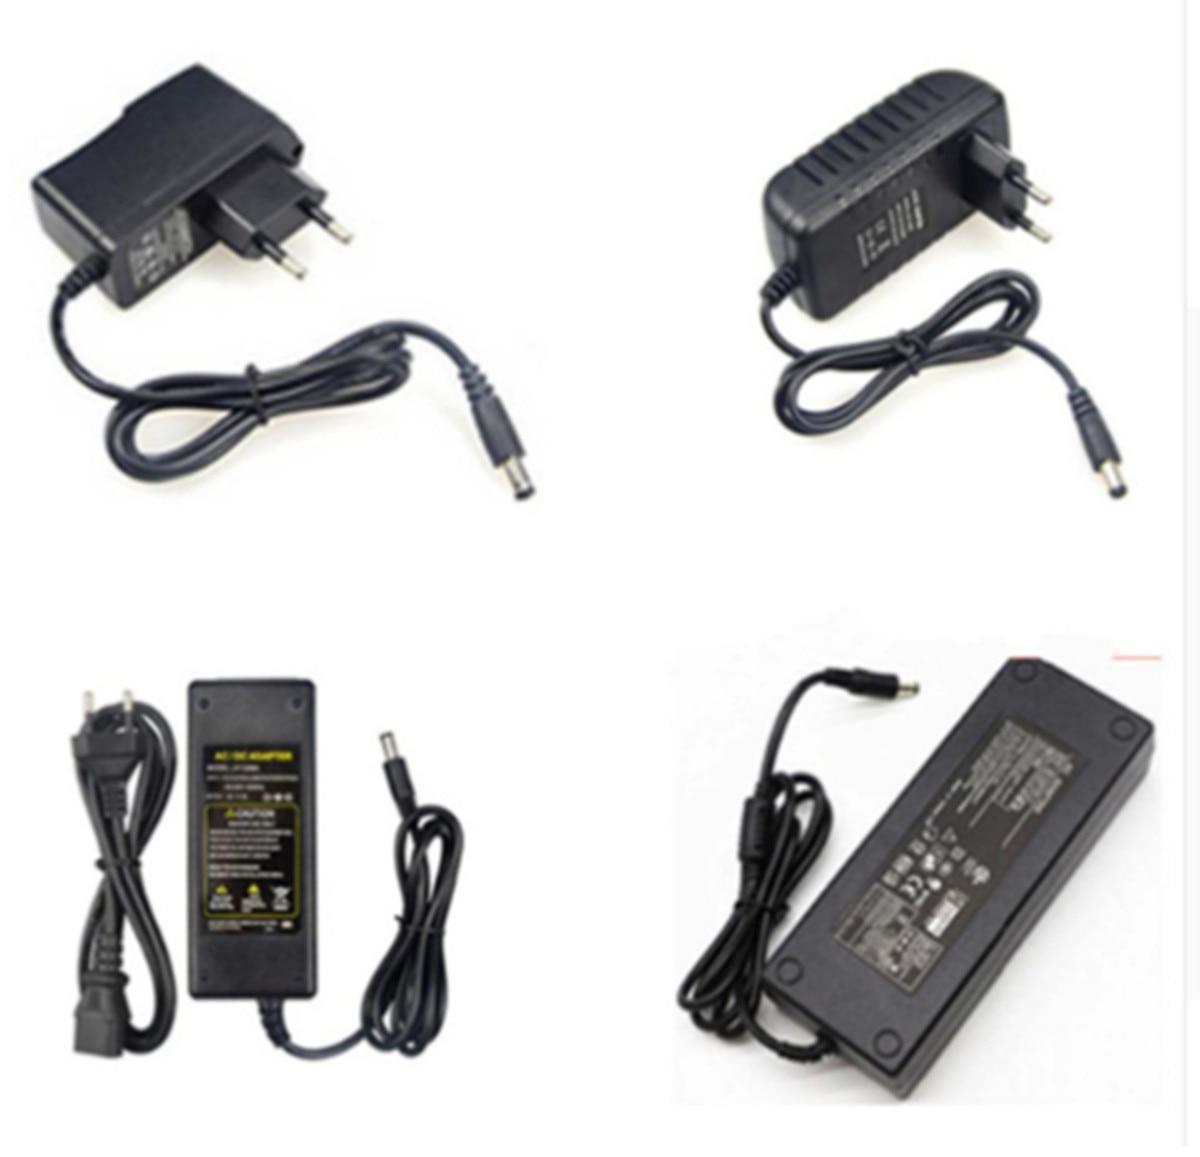 Адаптер светодиодный для светодиодных лент, 5 В, 12 В, 24 а, 2 А, 3 А, 5 А, 7 А, 8 А, 10 А, для 5 В, 12 В, 24 В